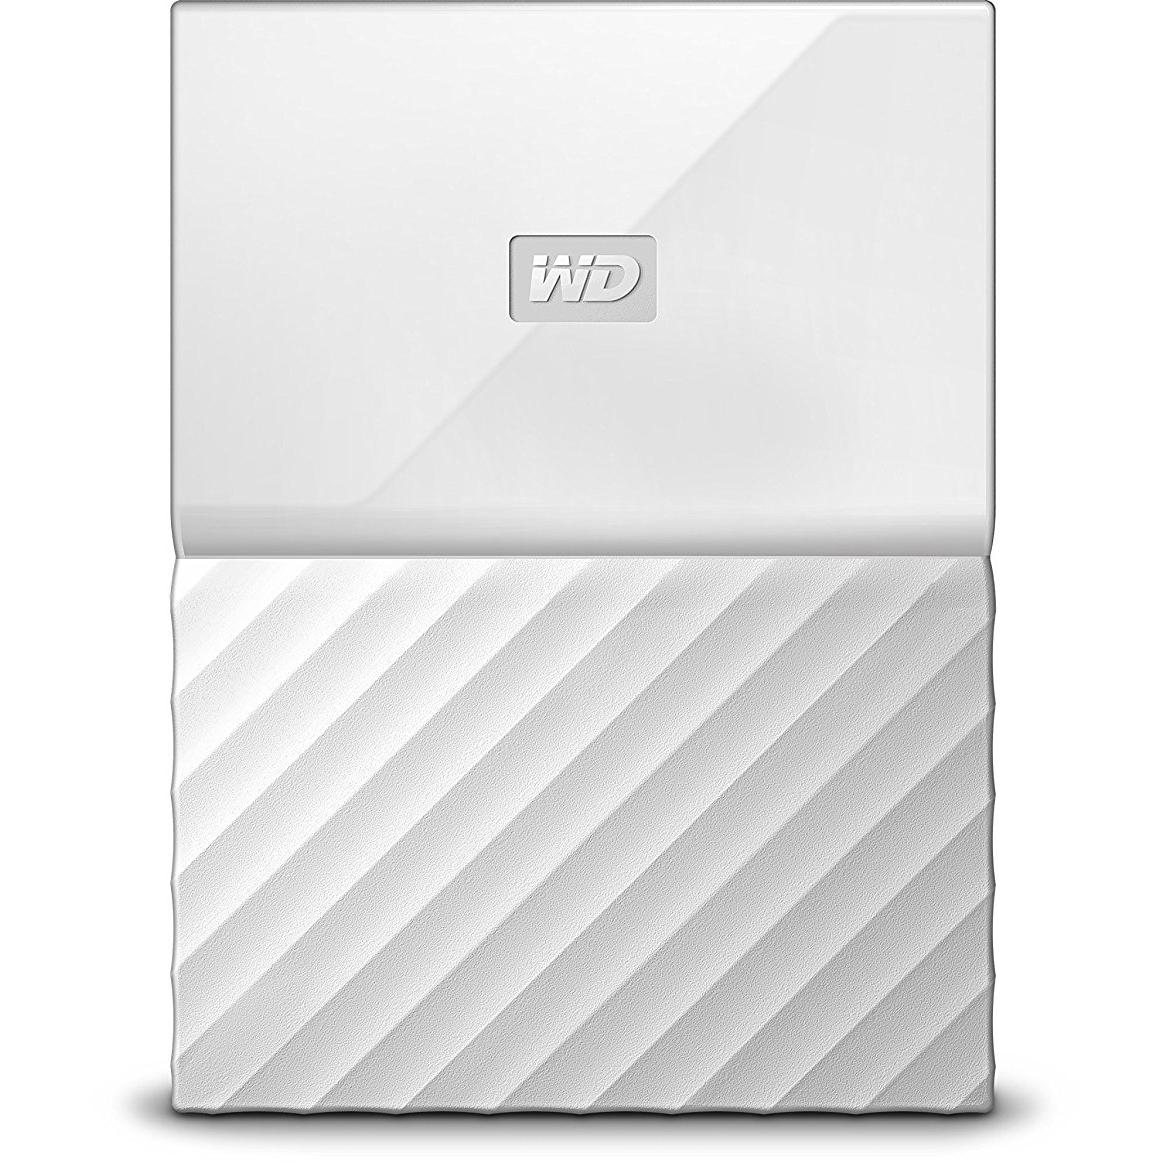 Original Western Digital My Passport 2TB White USB 3.0 External Hard Drive (WDBS4B0020BWT-EEEX)